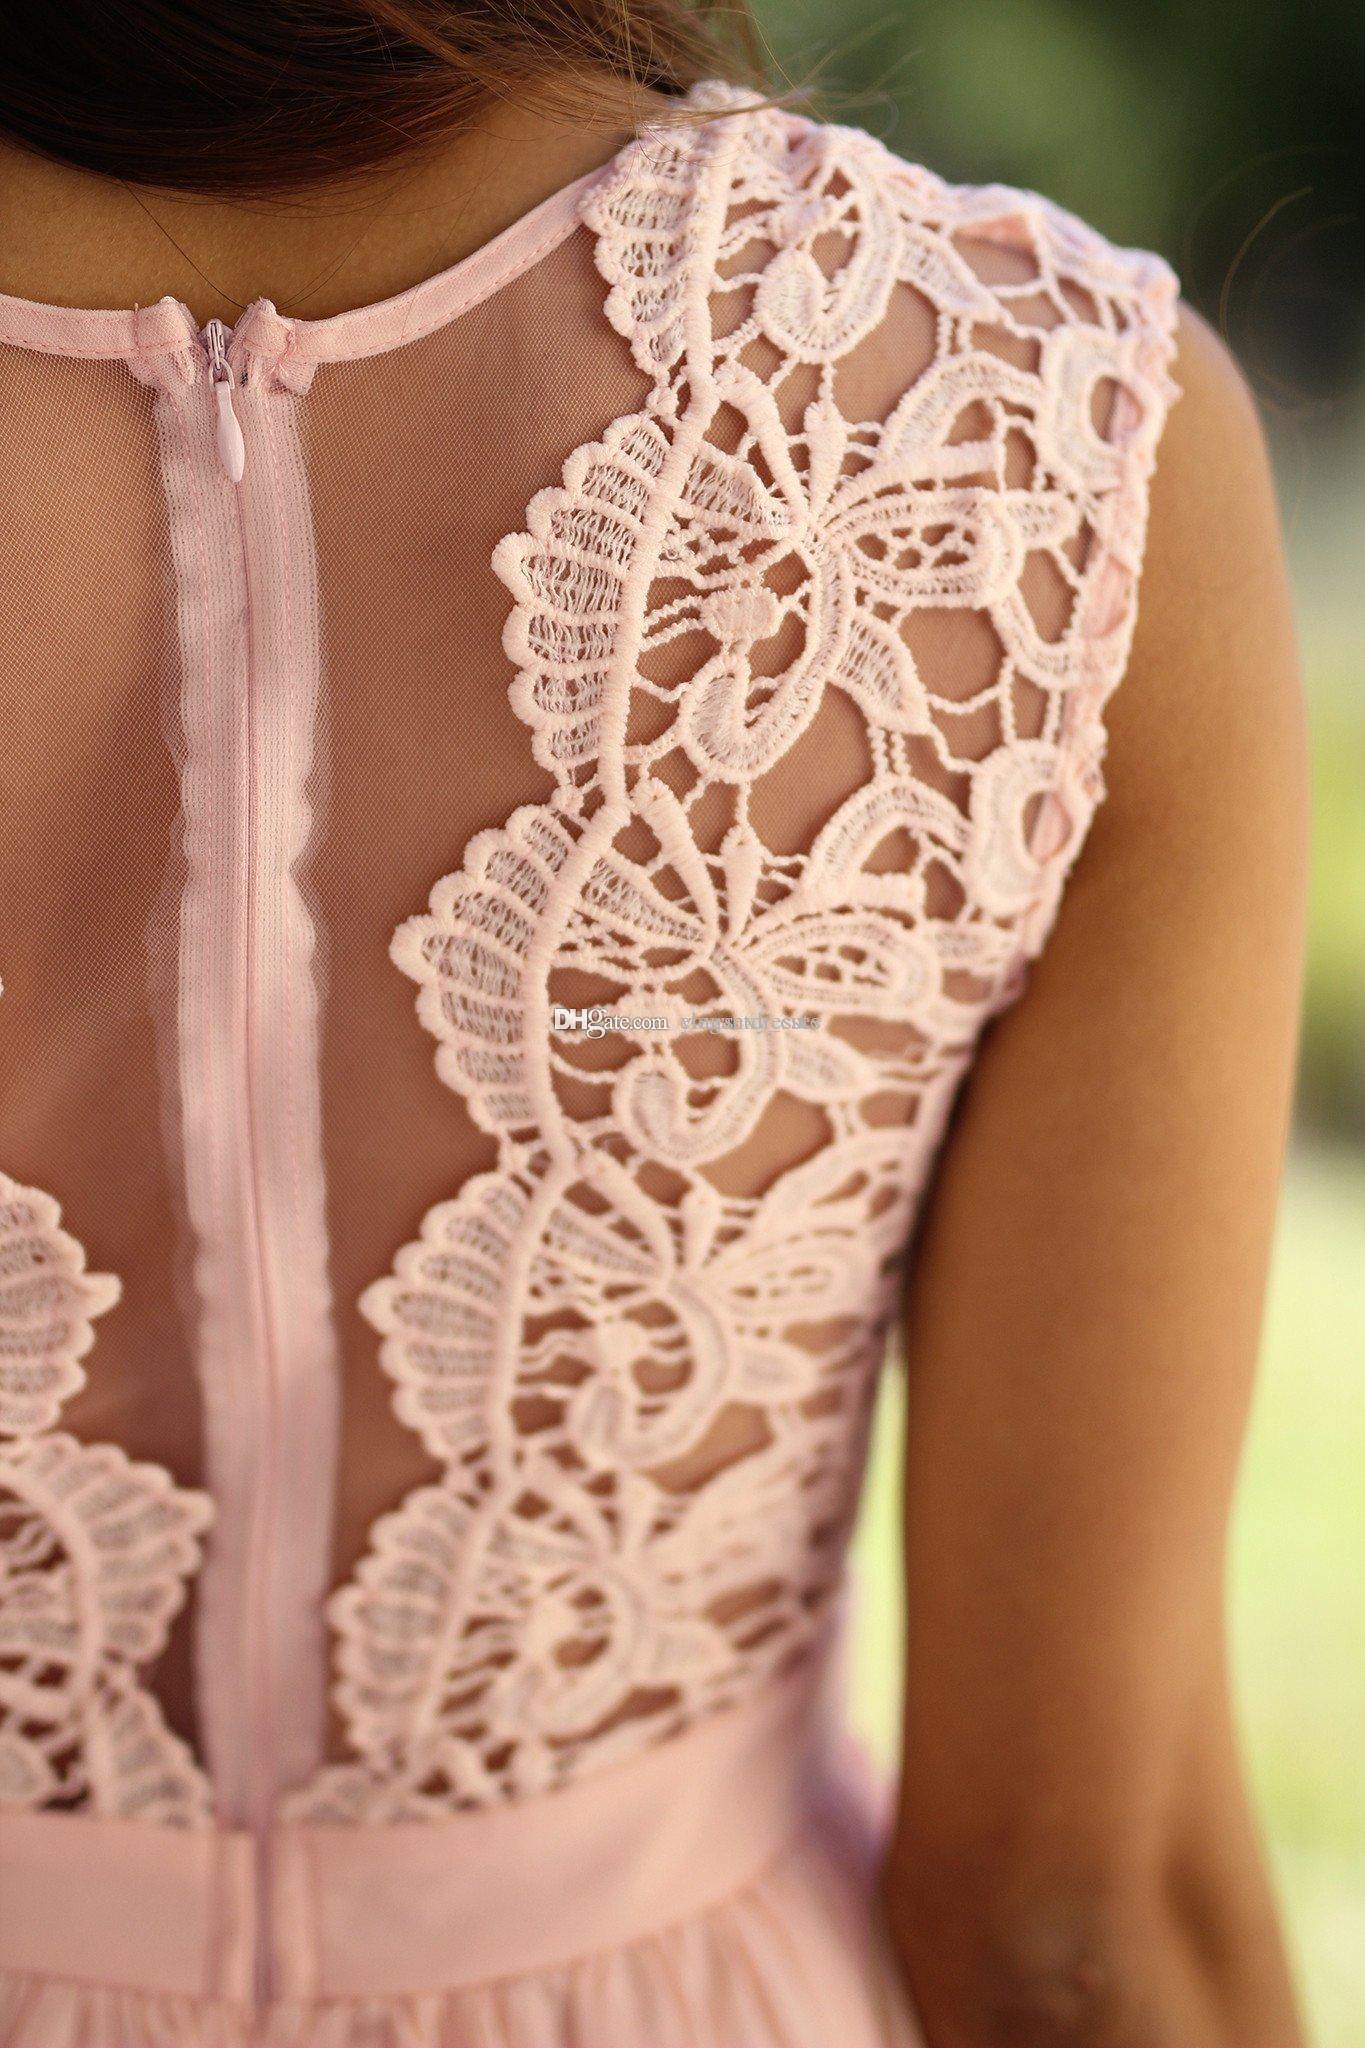 ピンクのレースのシフォン長い花嫁介添人ドレス2021安いプラスサイズの花嫁介添人のドレスカスタムメイドのカスタムブルーグレーの花嫁介添人ガウン